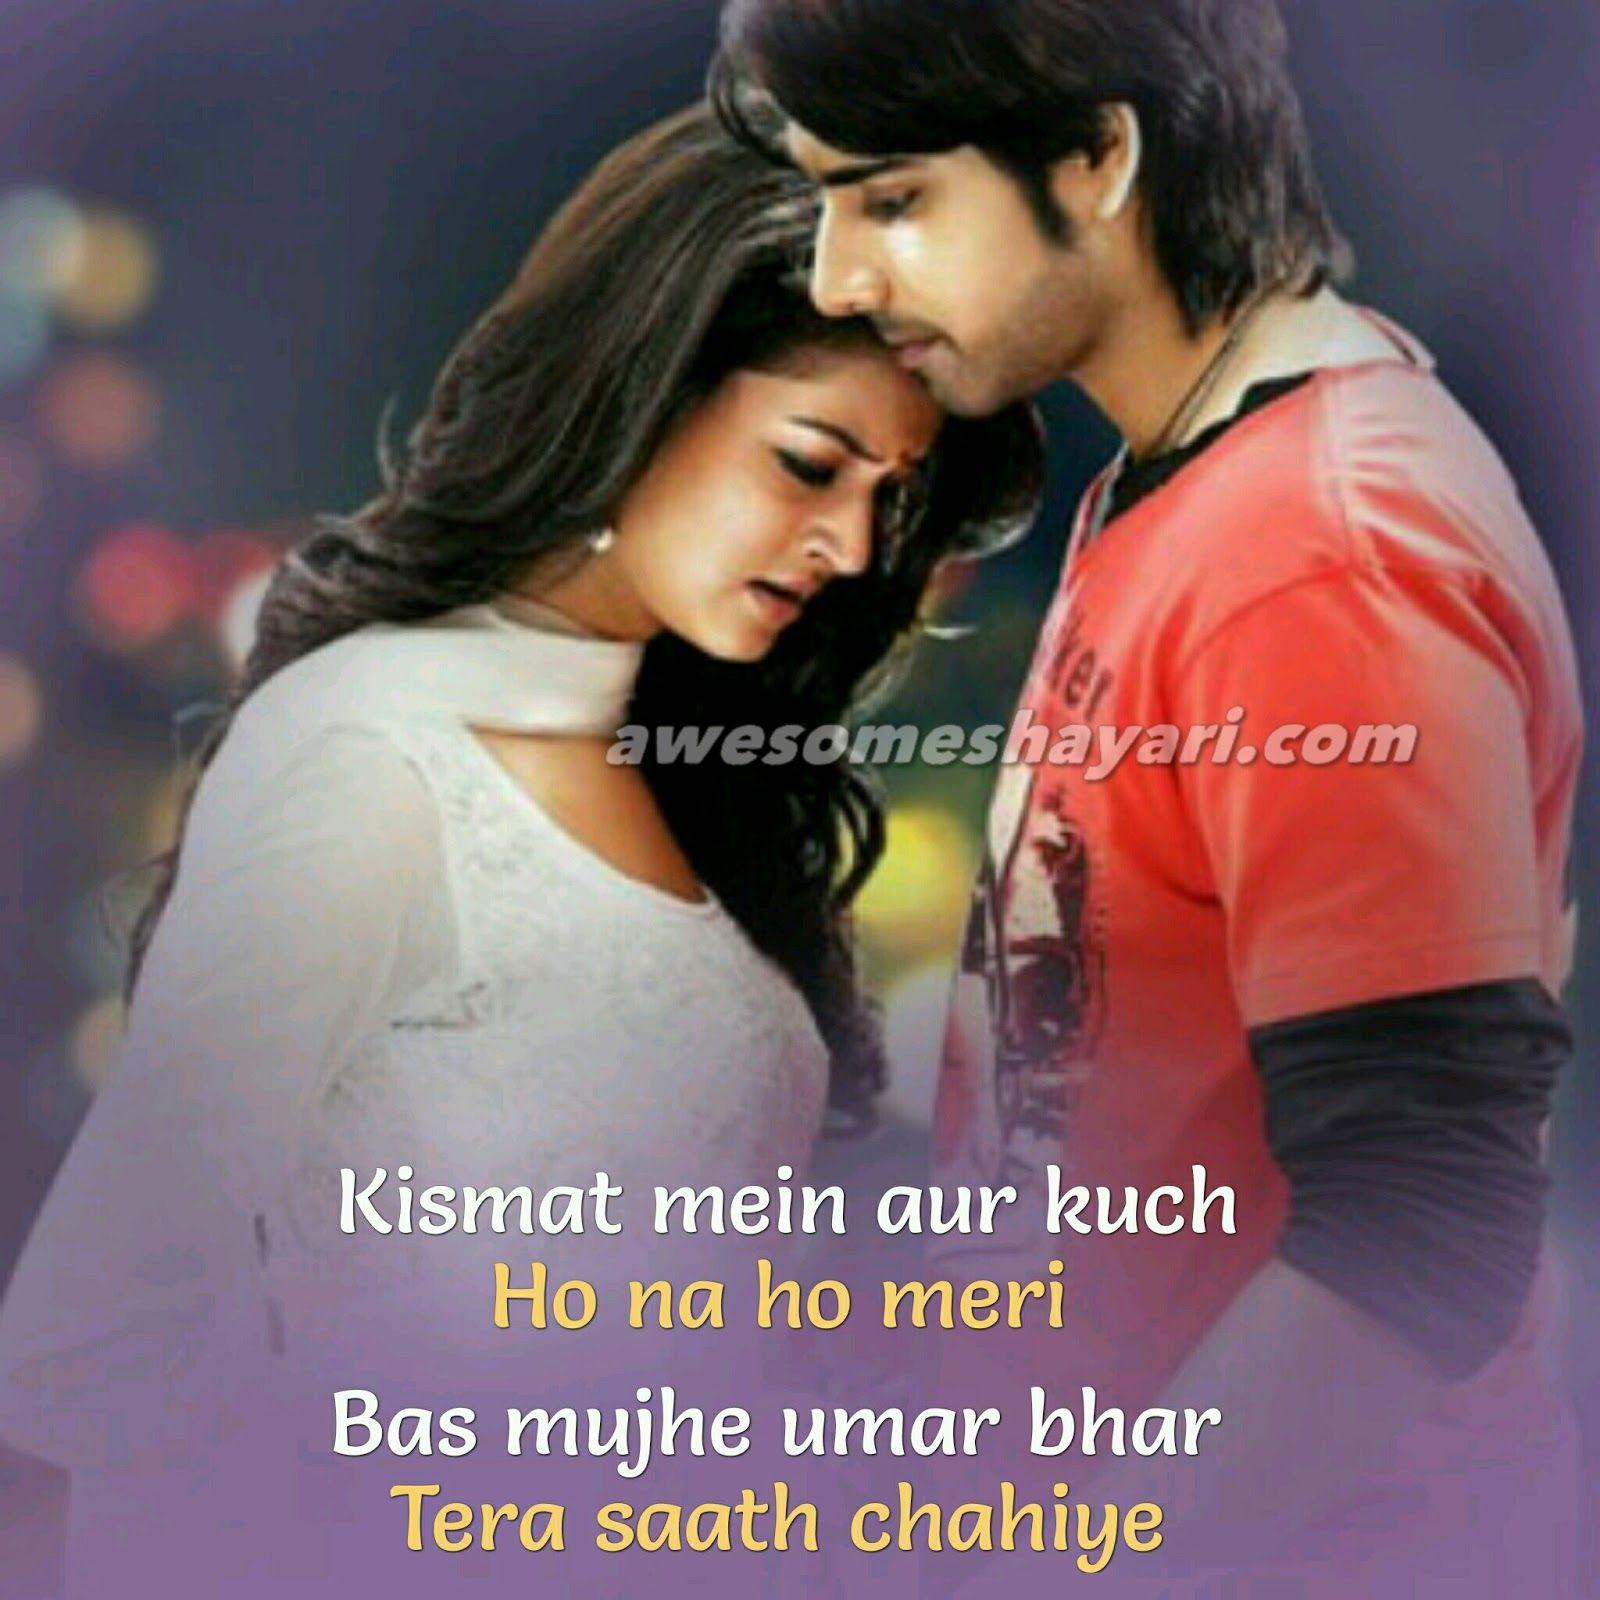 Love Shayari: Best True Love Shayari Images, Status, Dp For Whatsapp